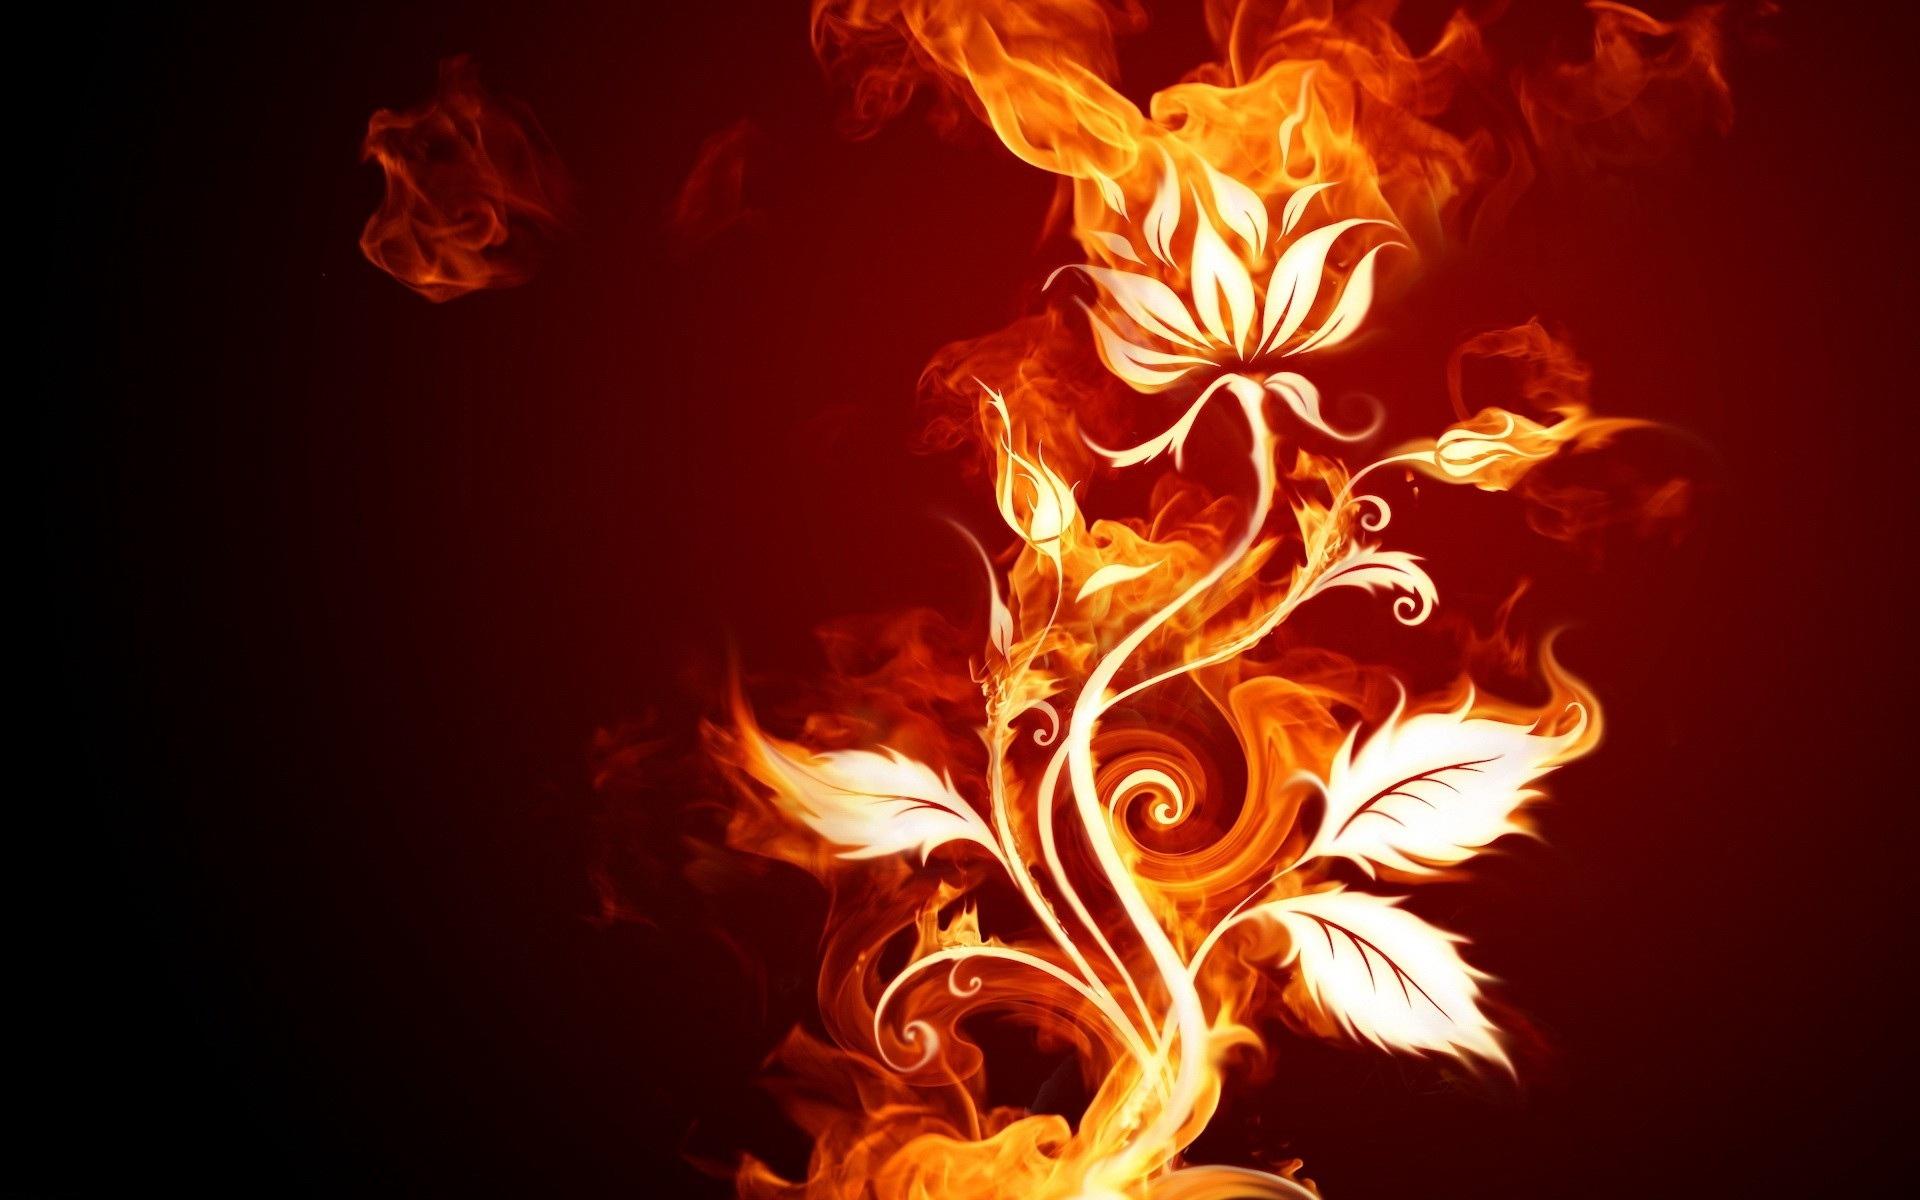 Hình nền bông hoa lửa